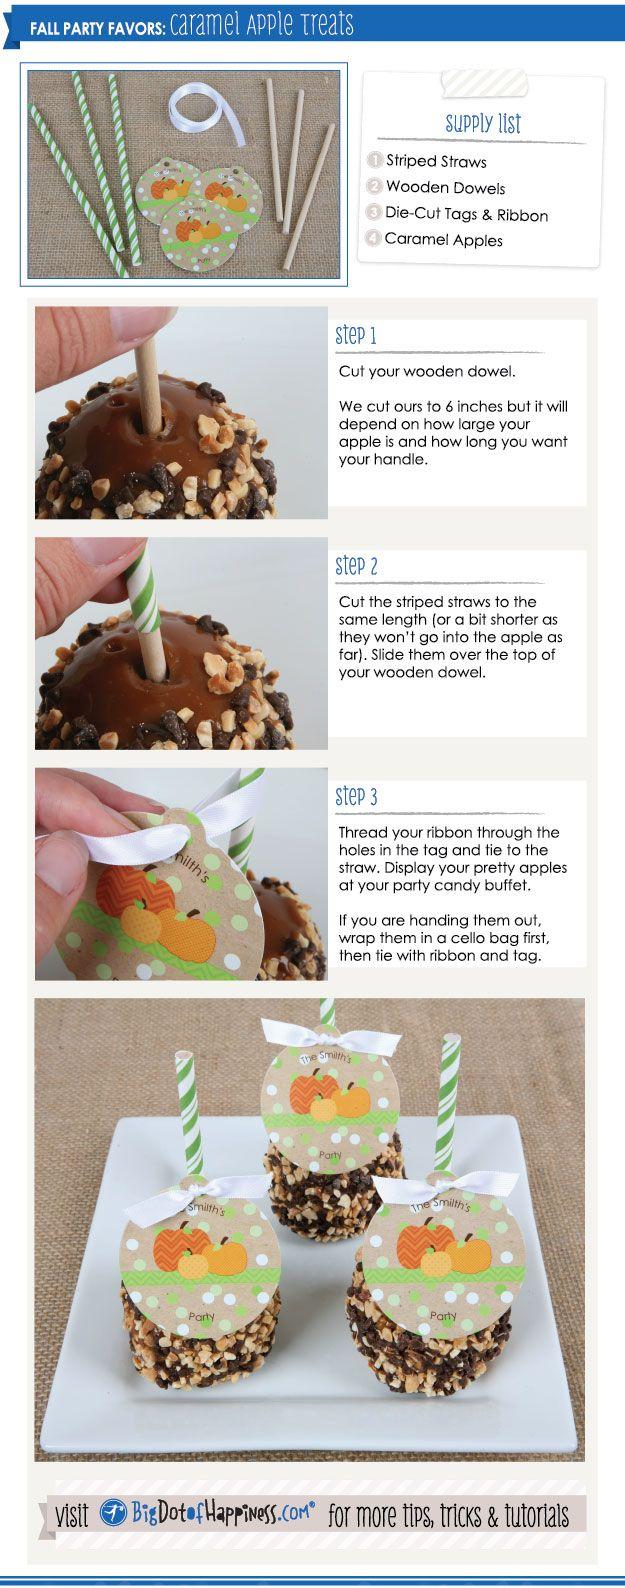 81 best Carmel Apples images on Pinterest | Caramel apples, Gourmet ...